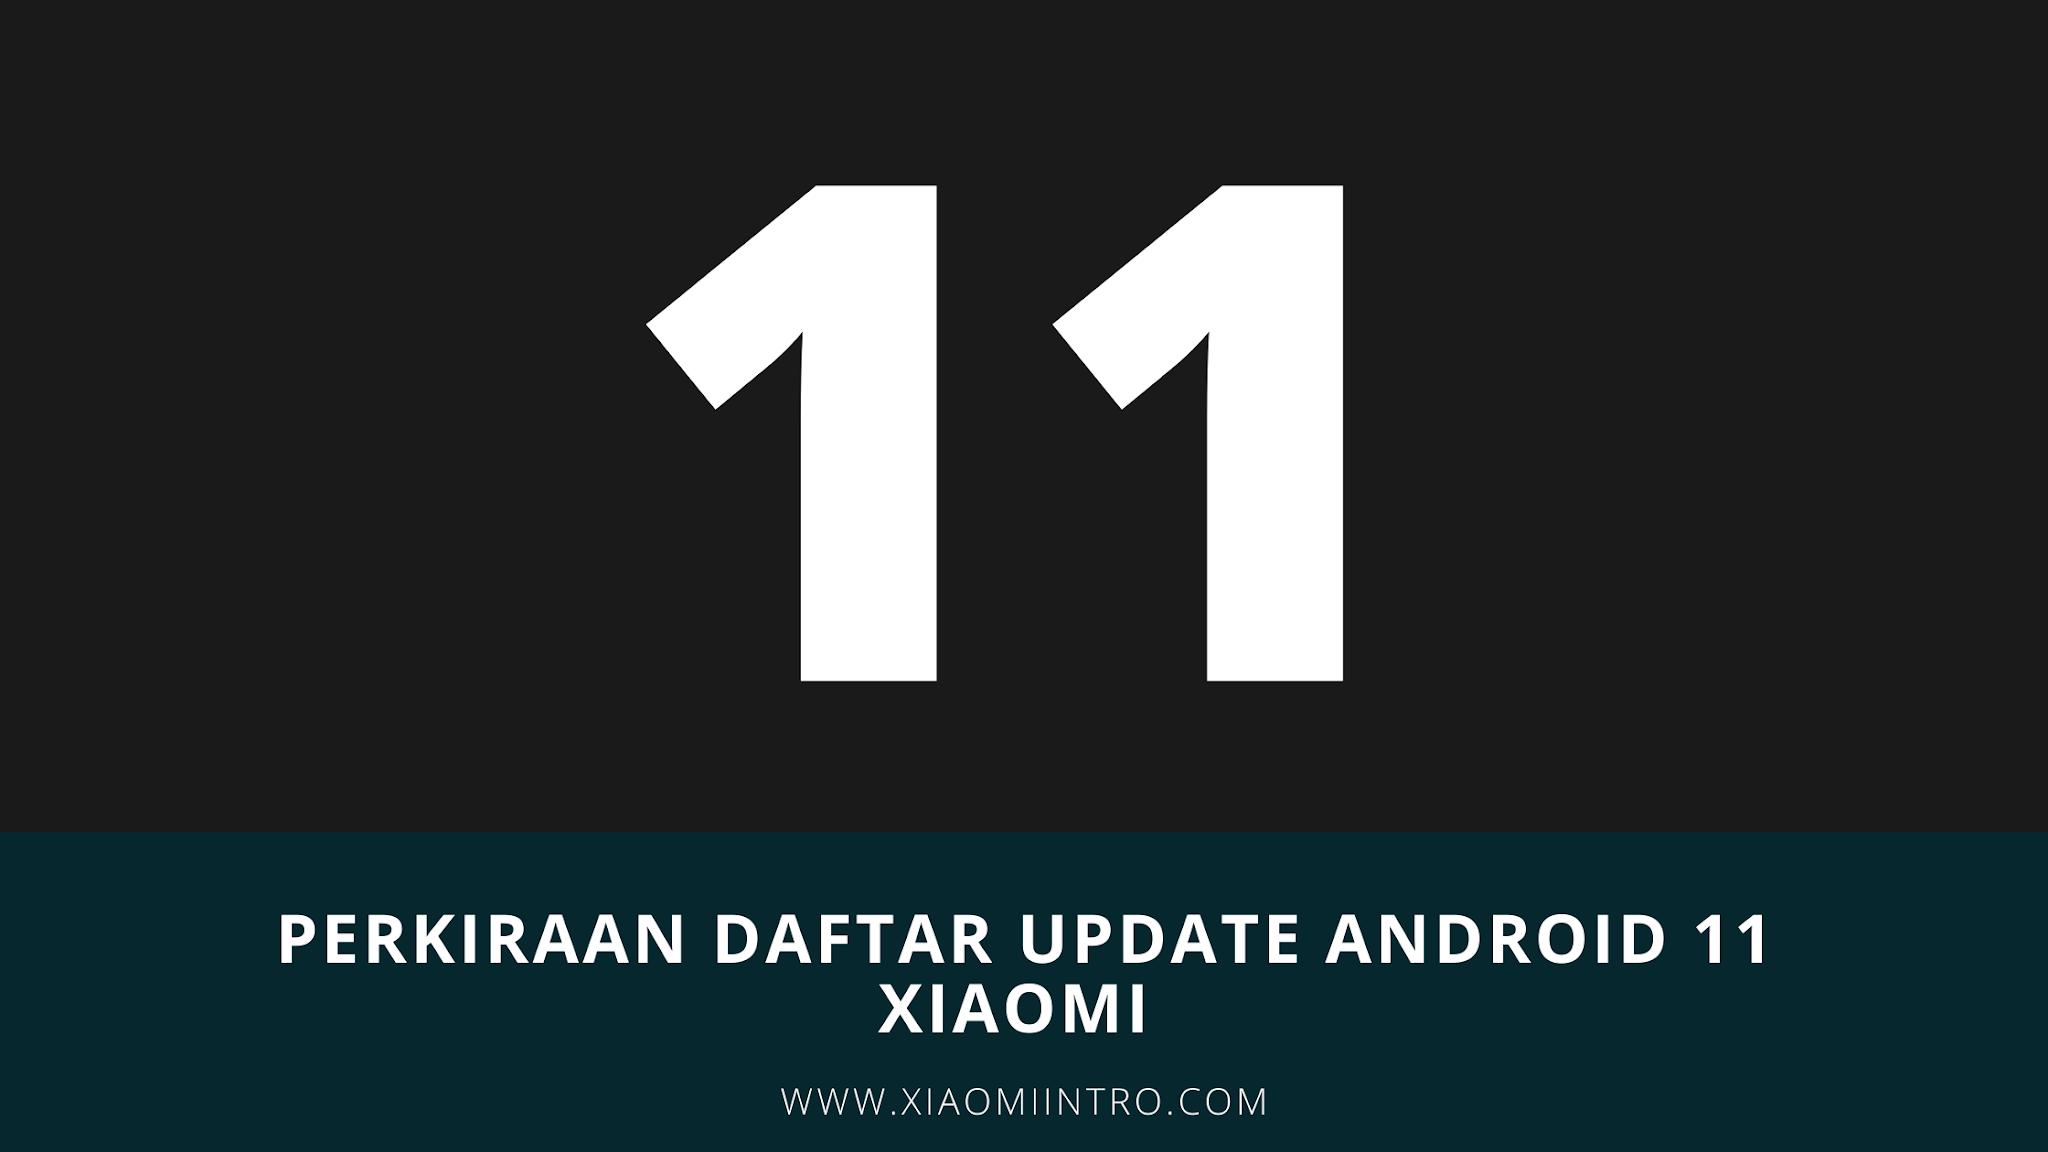 Perkiraan Daftar Update Android 11 Xiaomi